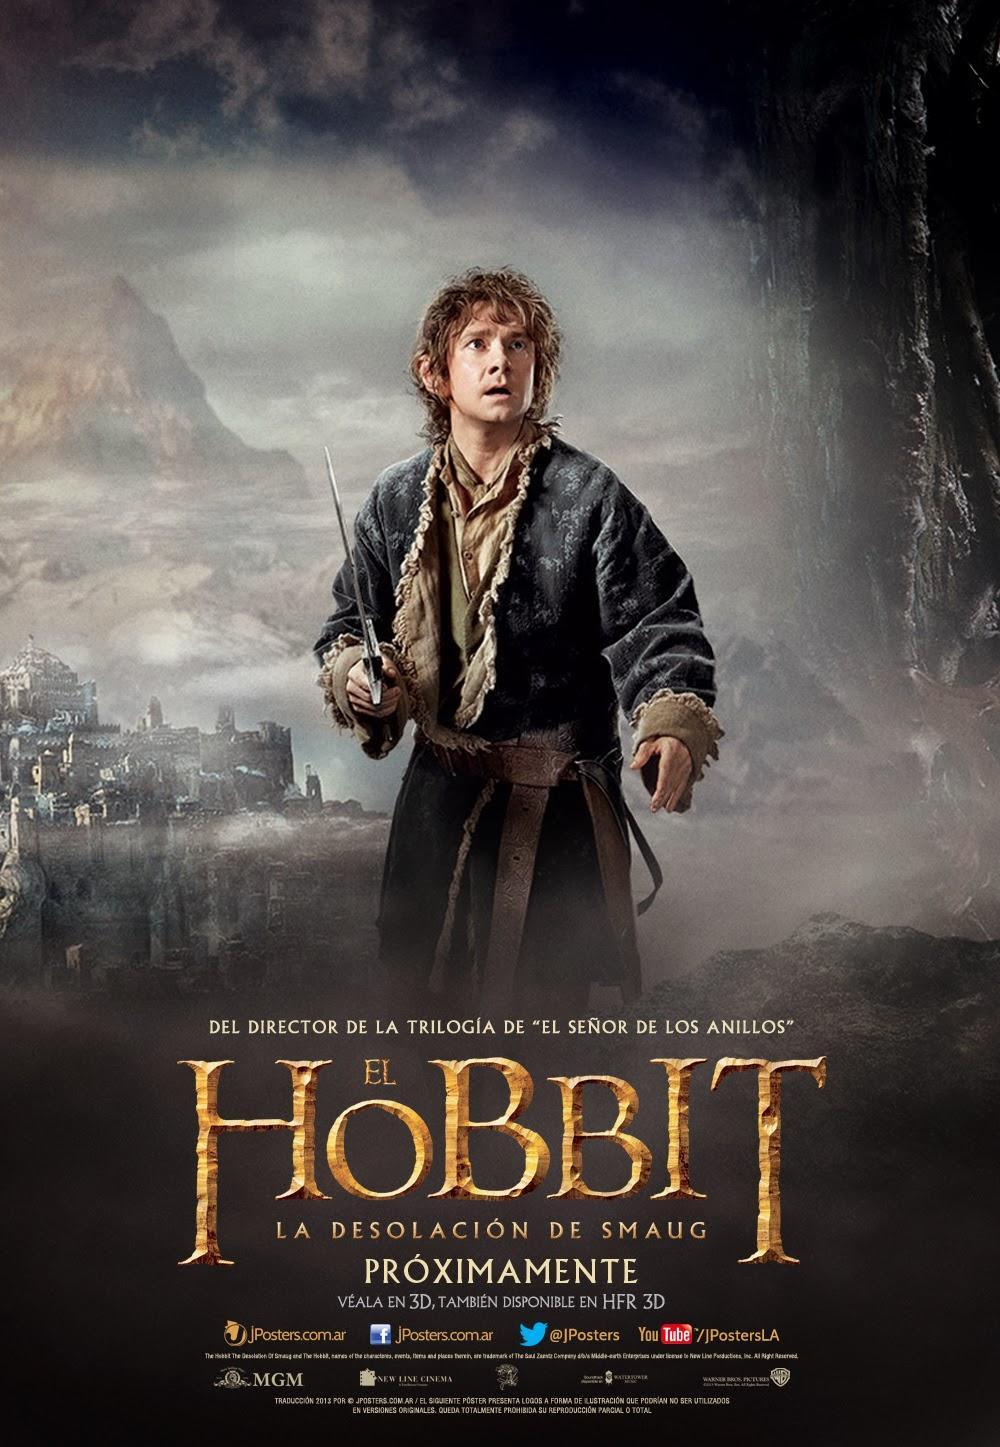 El_Hobbit_La_Desolación_De_Smaug_Nuevo_Poster_Latino_c_JPosters.jpg